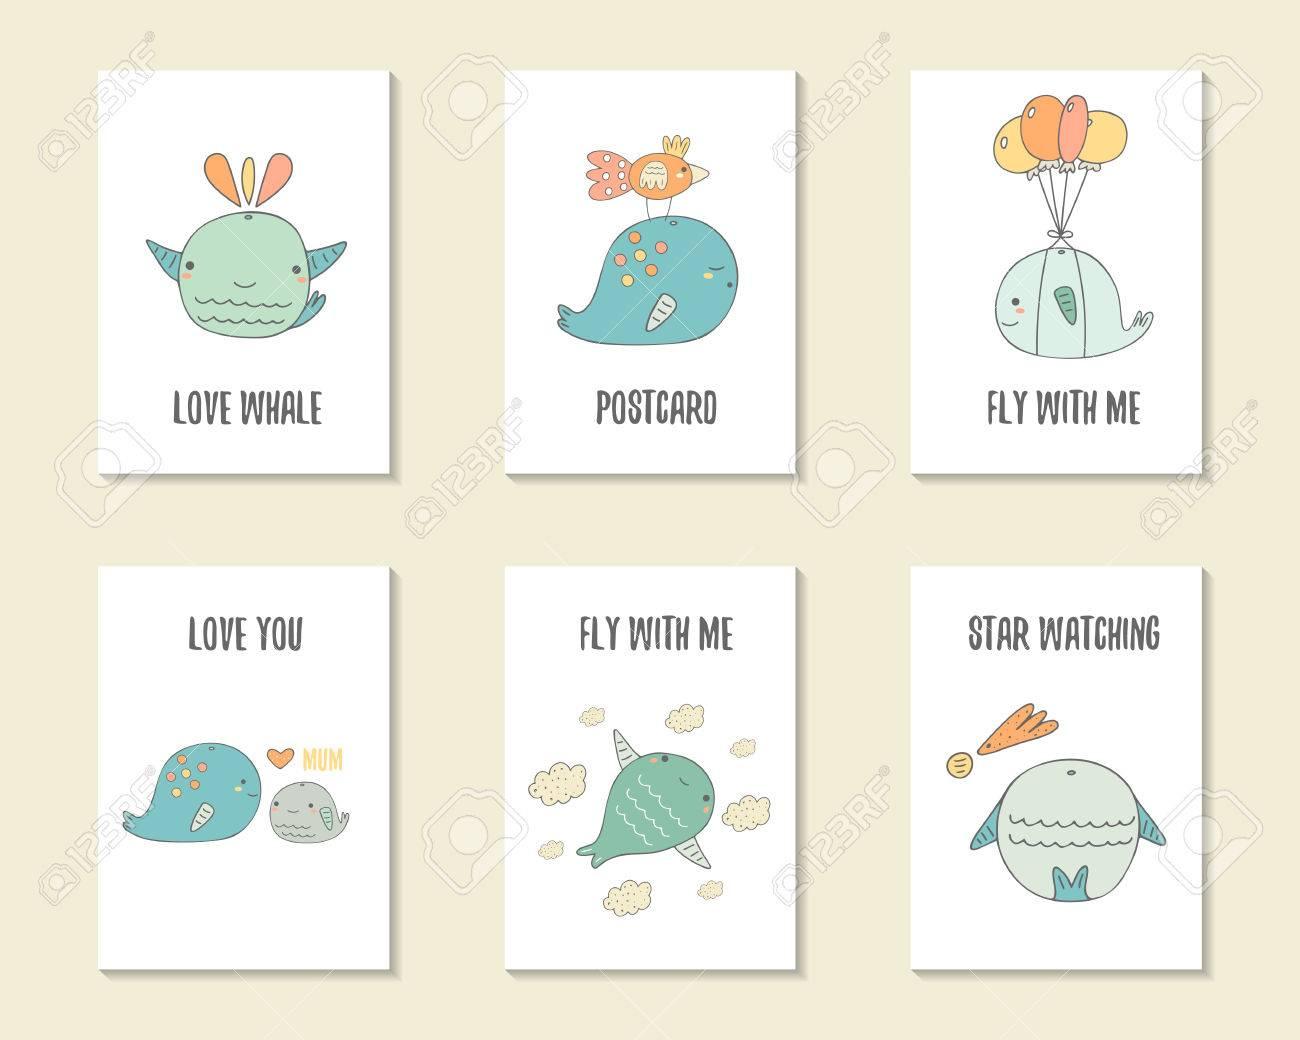 Dibujados Mano Linda Del Cumpleaños Del Partido Ducha Del Bebé Tarjetas Folletos Invitaciones Postales Con Las Ballenas Objetos De Dibujos